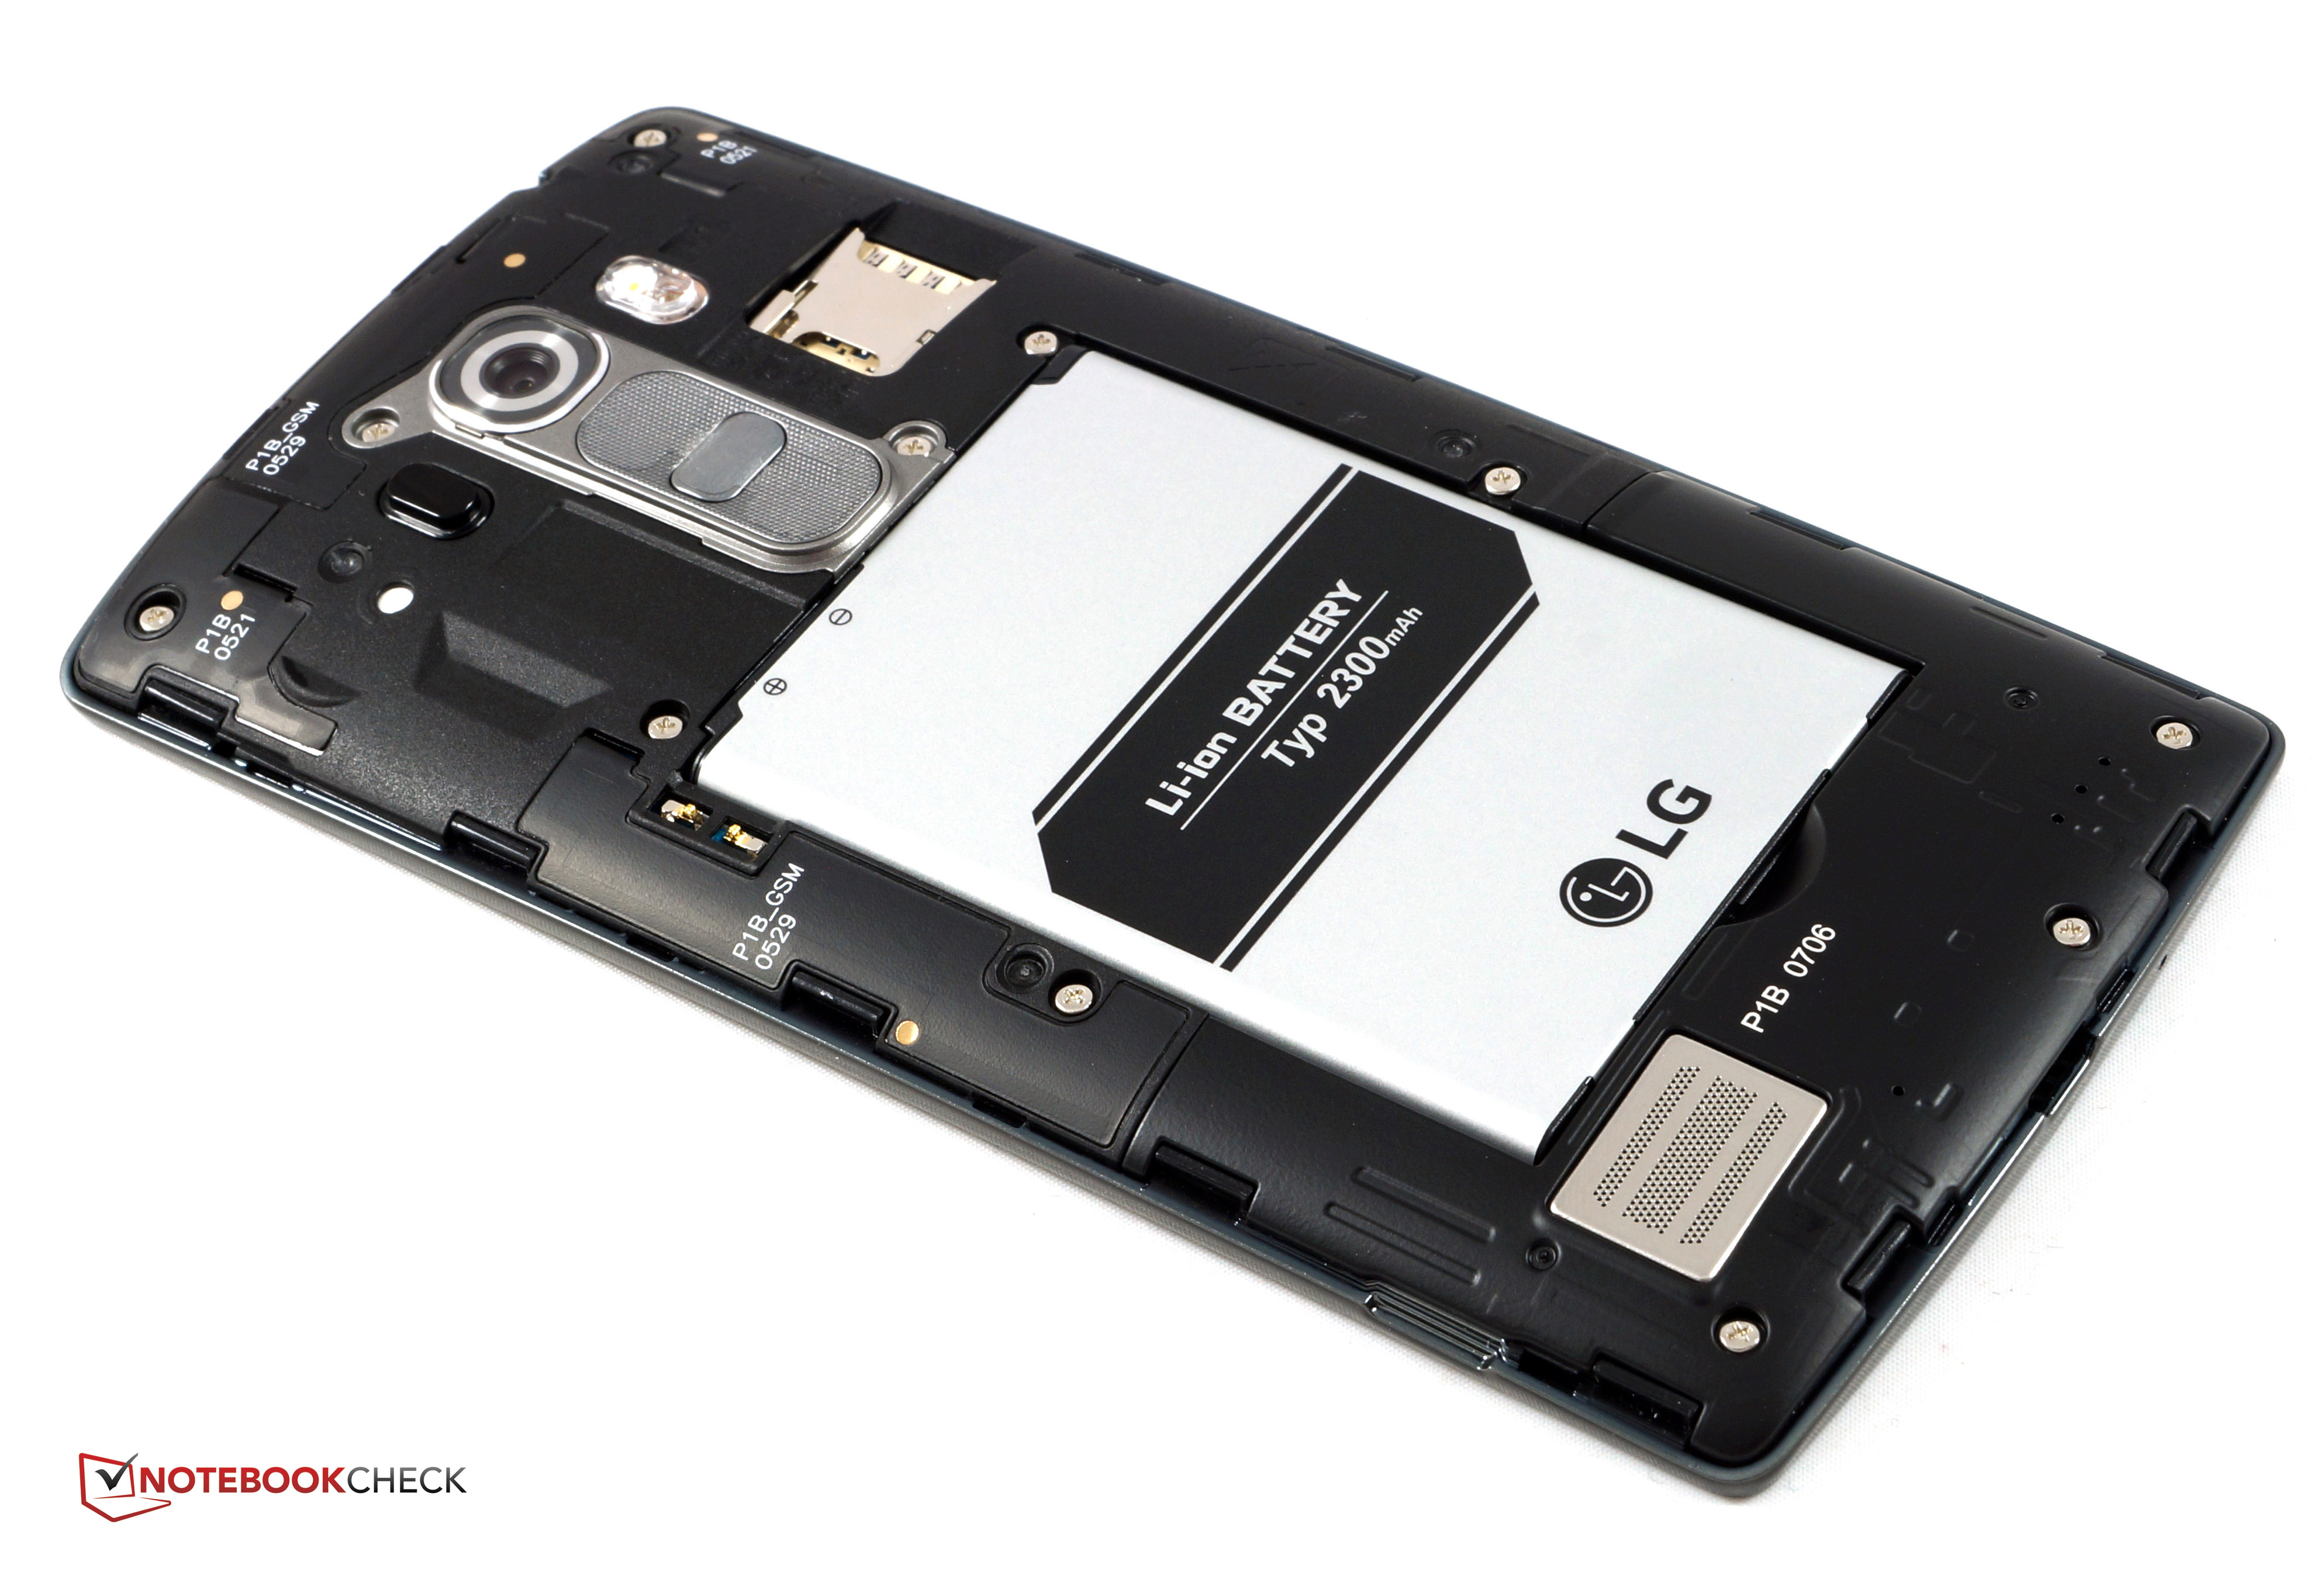 Lg g4 smartphone lg deutschland - Full Resolution